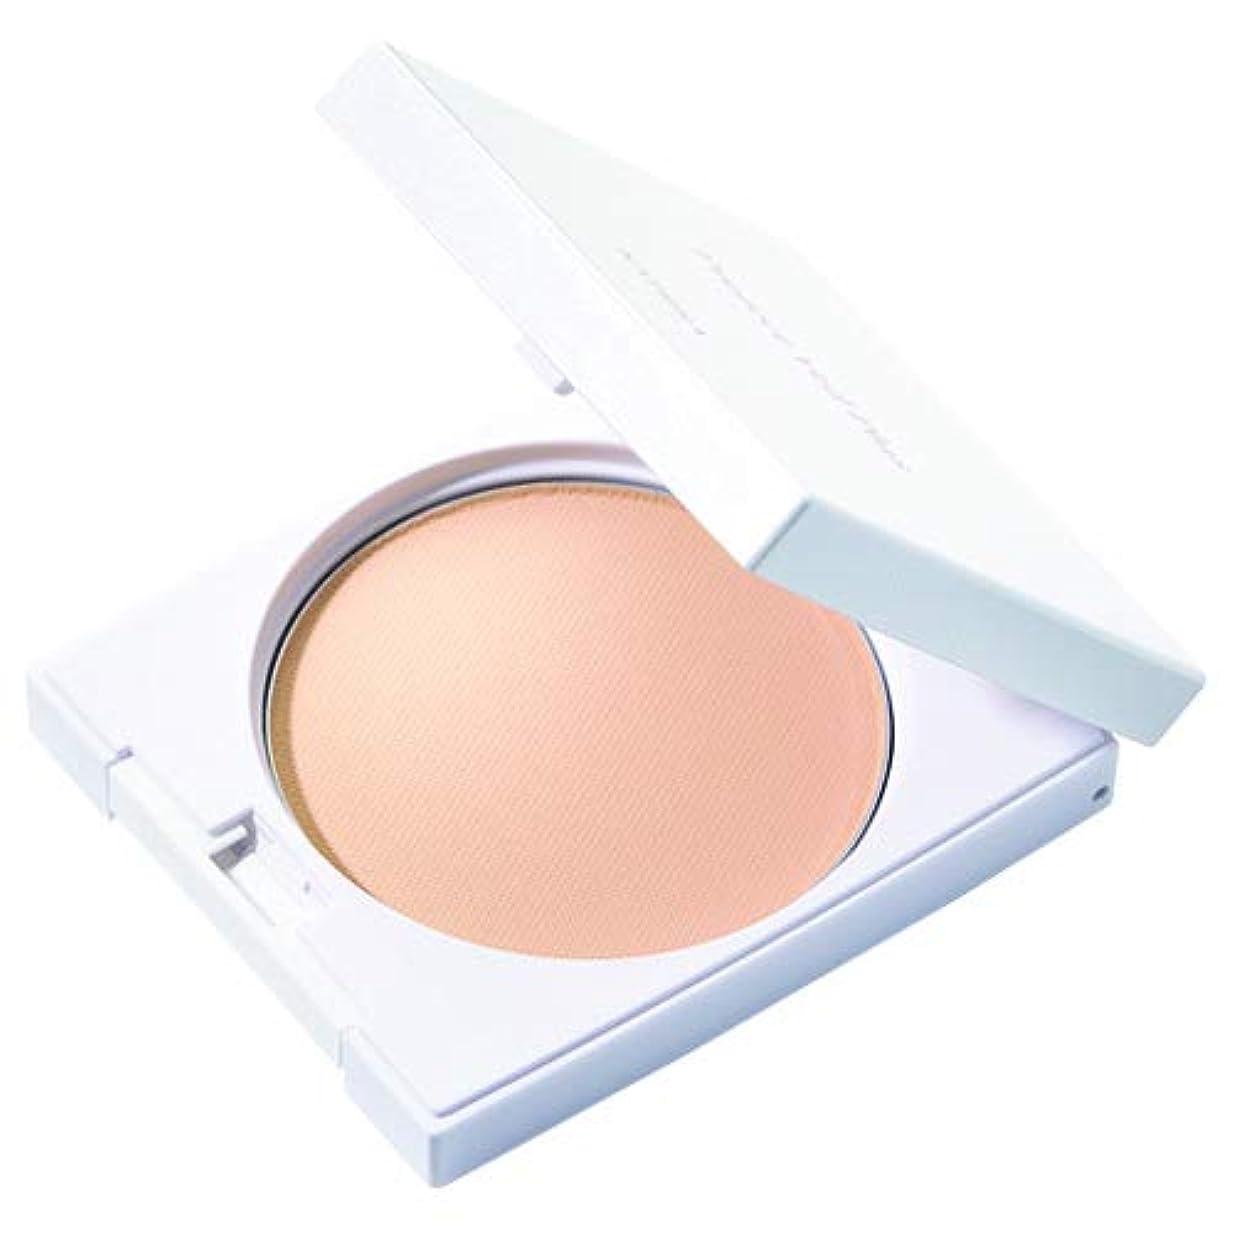 止まる業界みすぼらしいカツウラ化粧品 プロテクトヴェールプラス sun screen SPF50+ PA++++ 10g